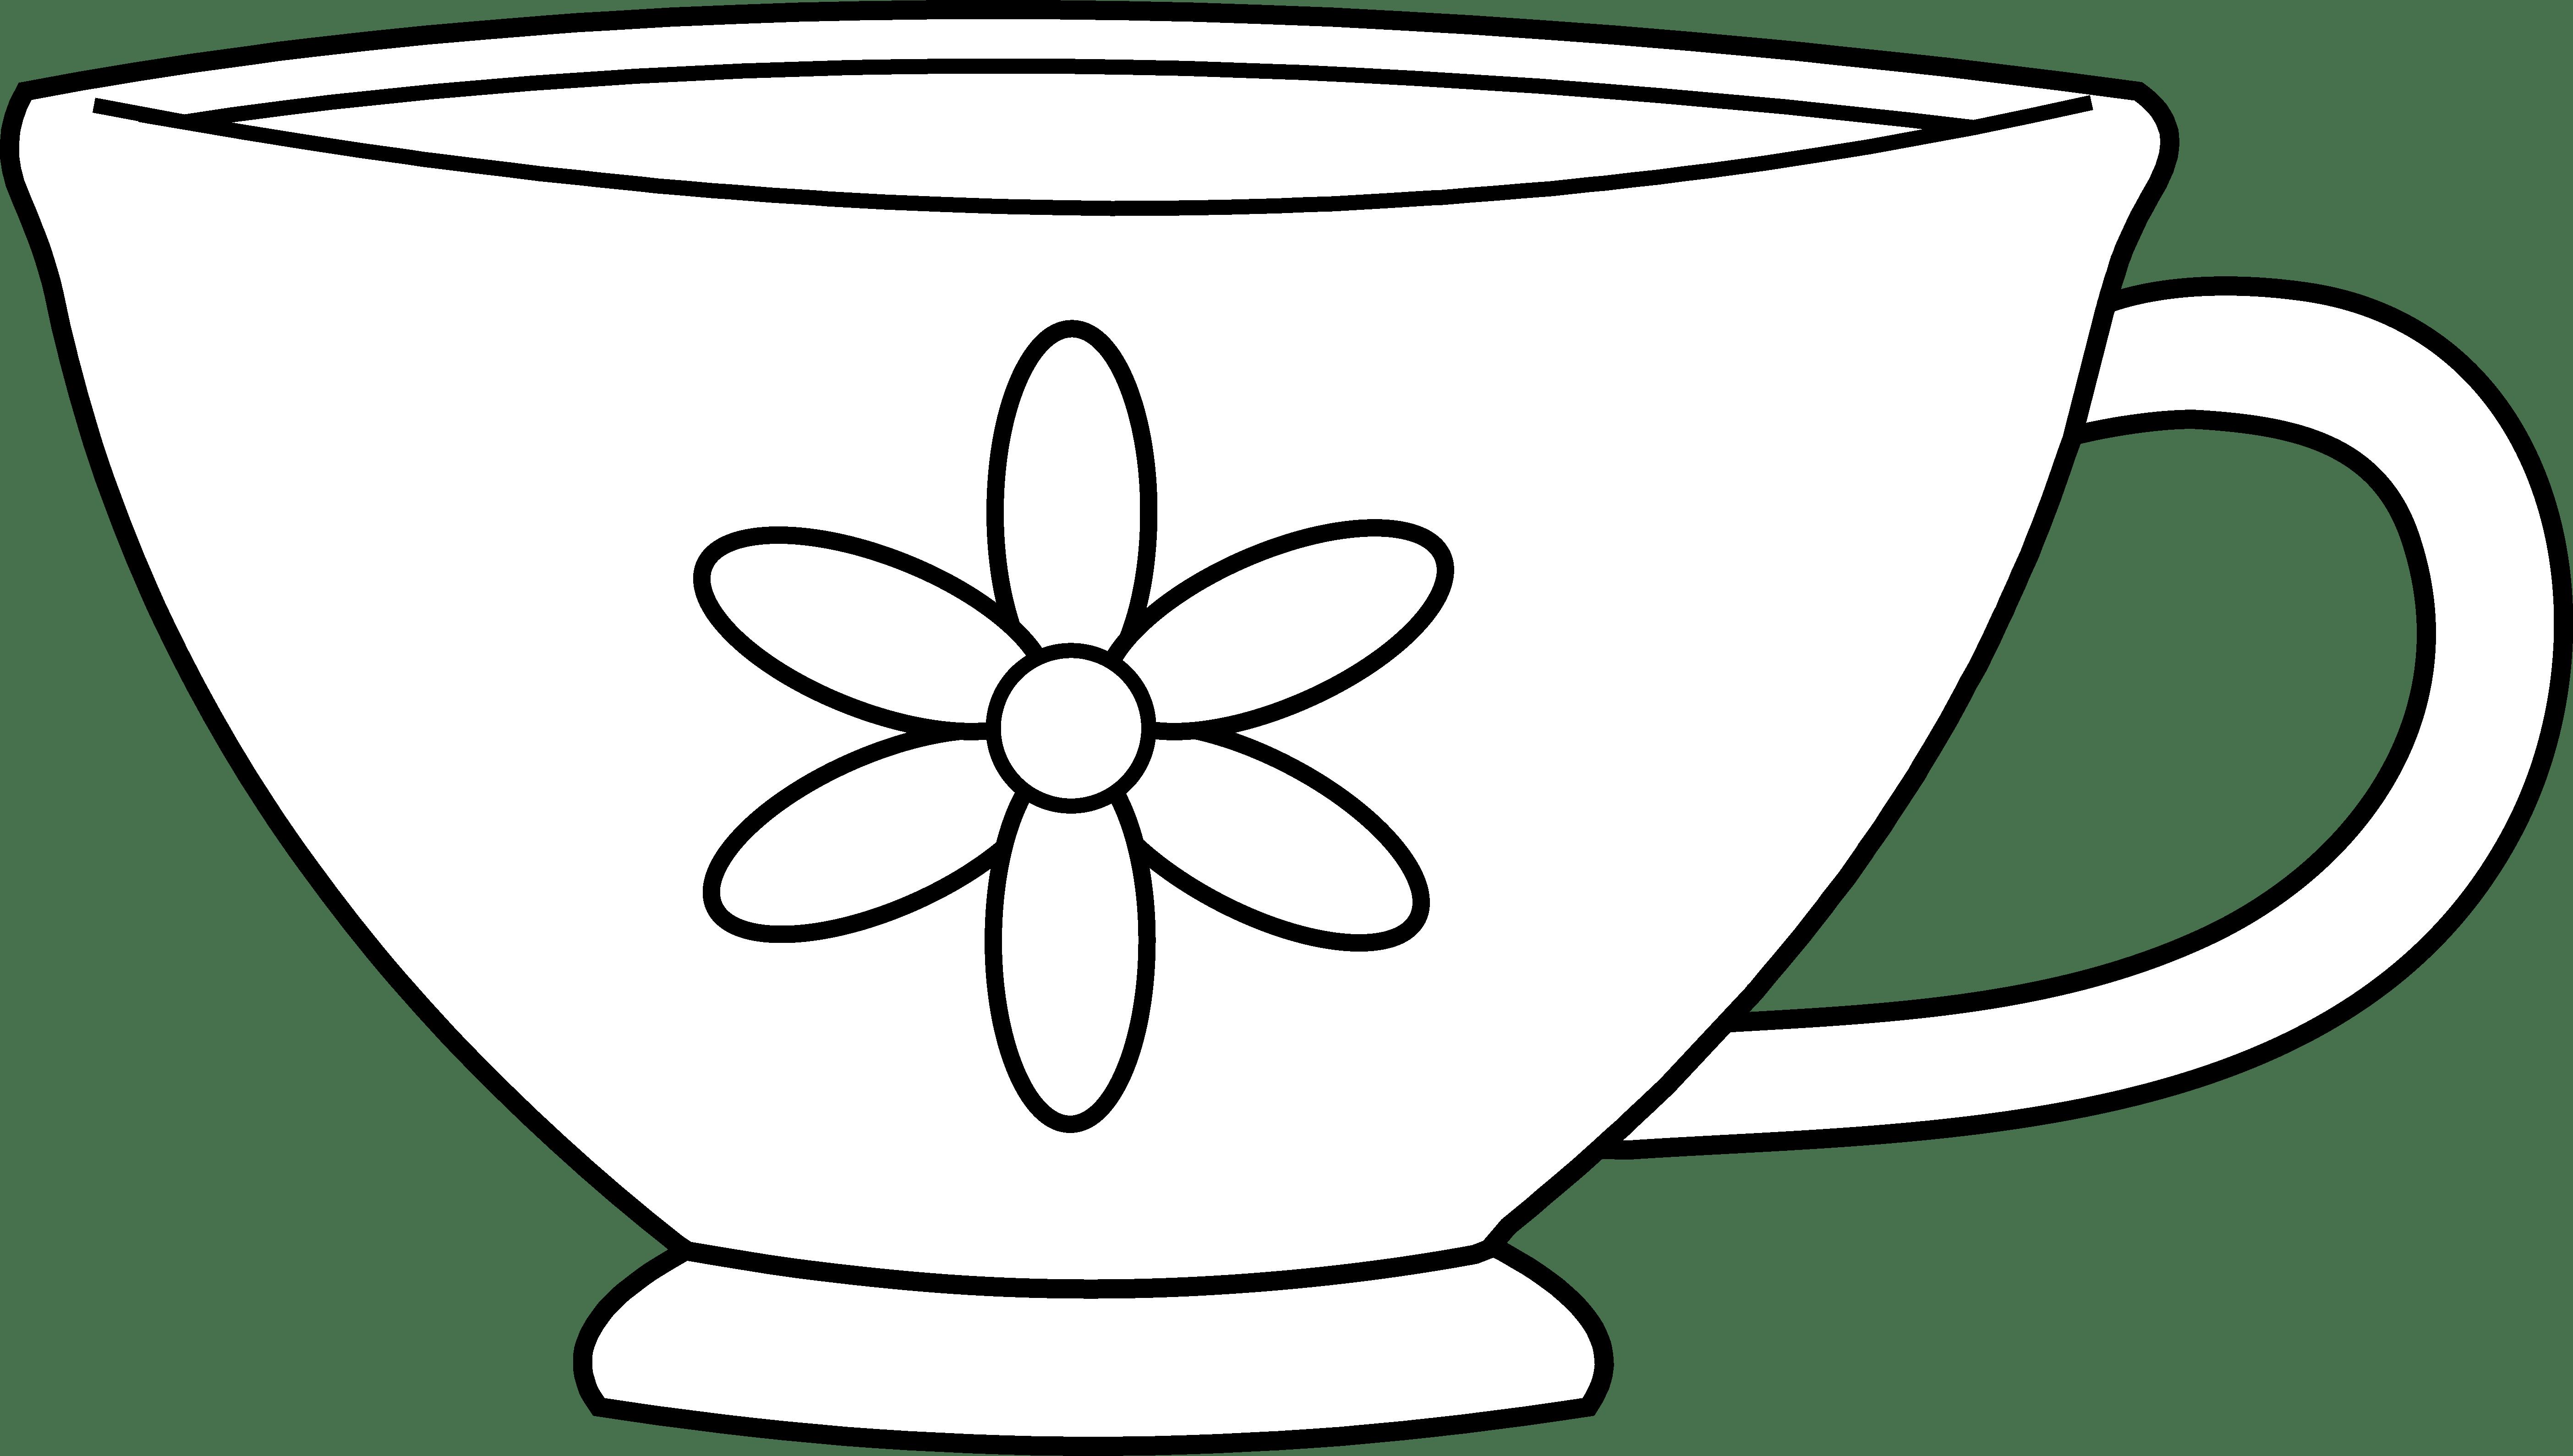 Cup clipart colouring page. Coloring democraciaejustica simple coffee